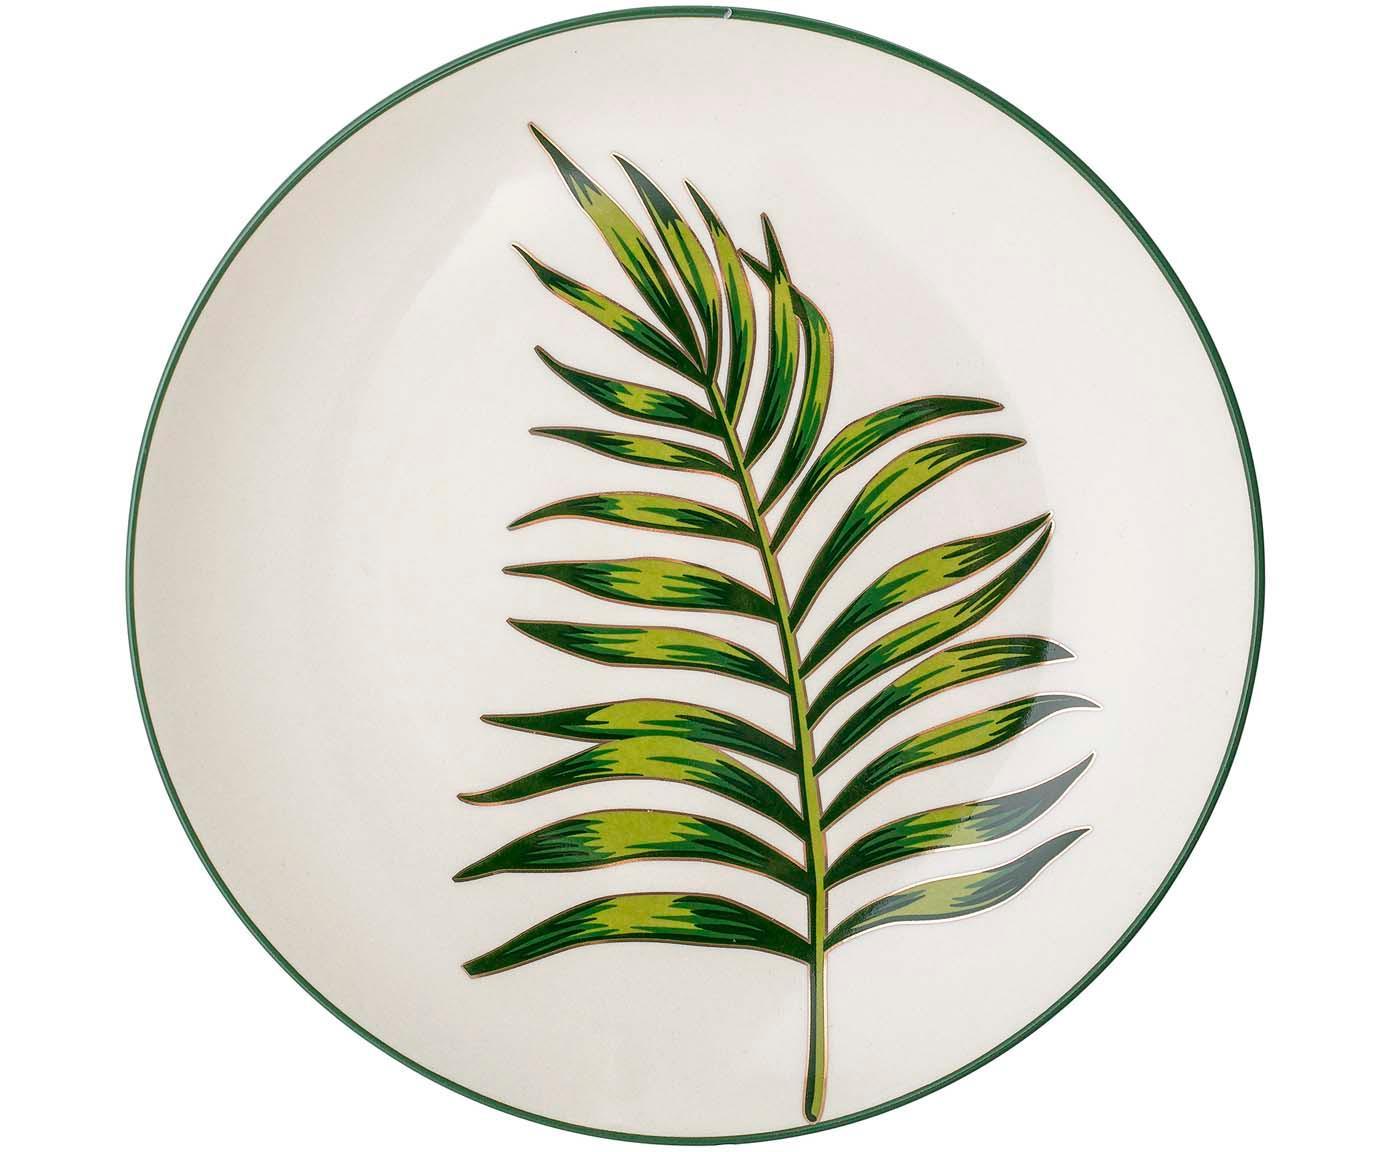 Talerz duży Moana, Kamionka, Zielony, biały, Ø 25 cm